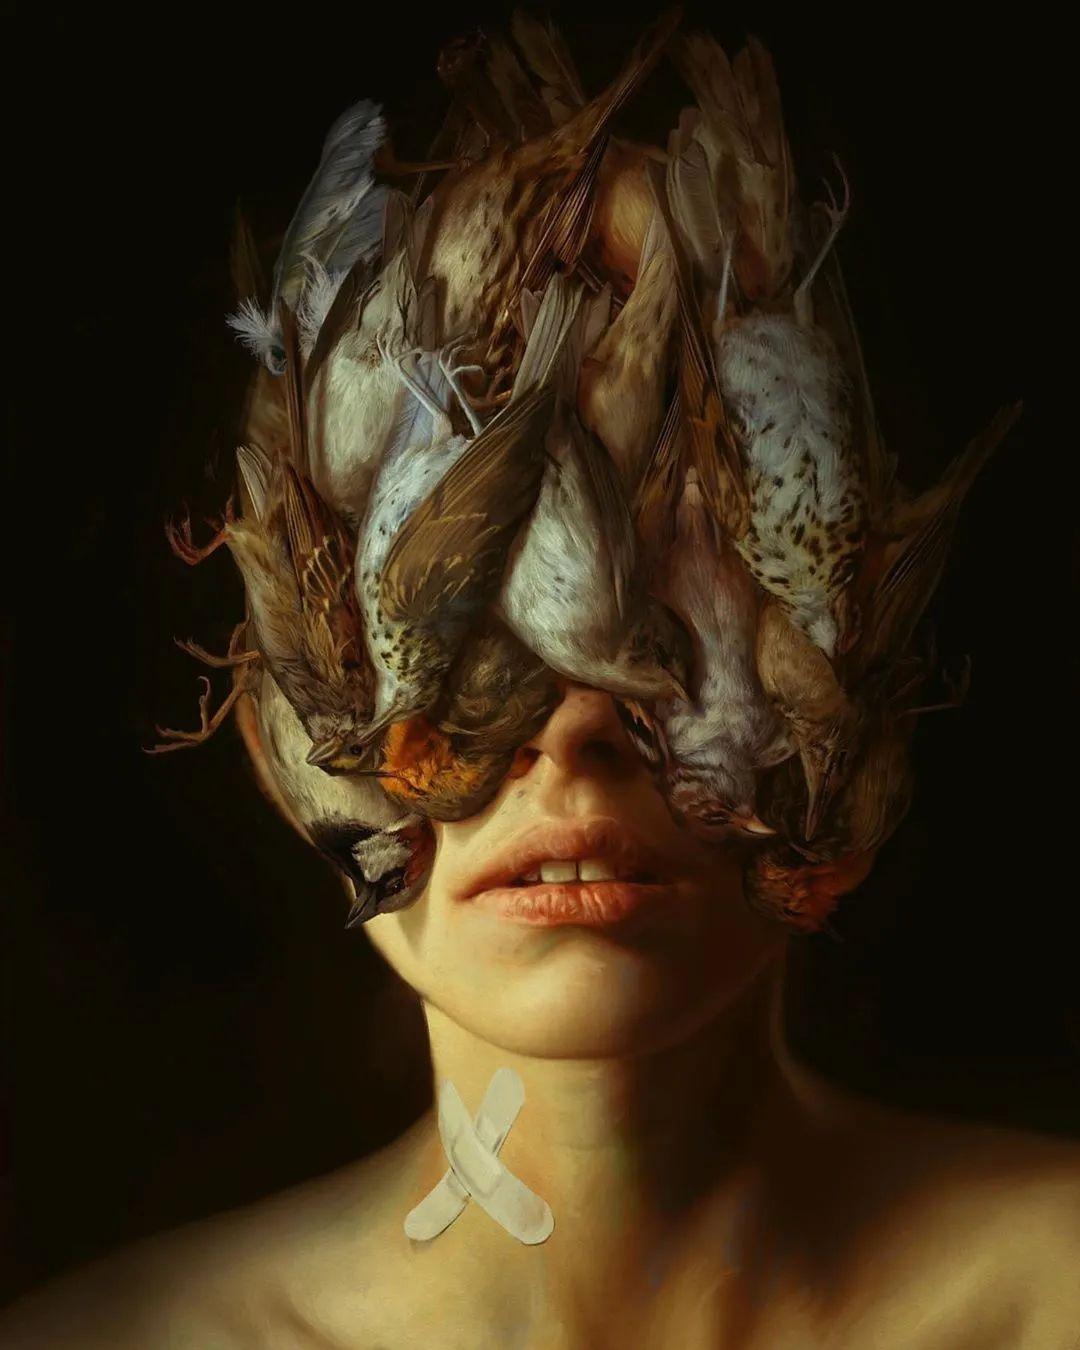 令人惊异的超现实主义肖像画,好有创意!插图7